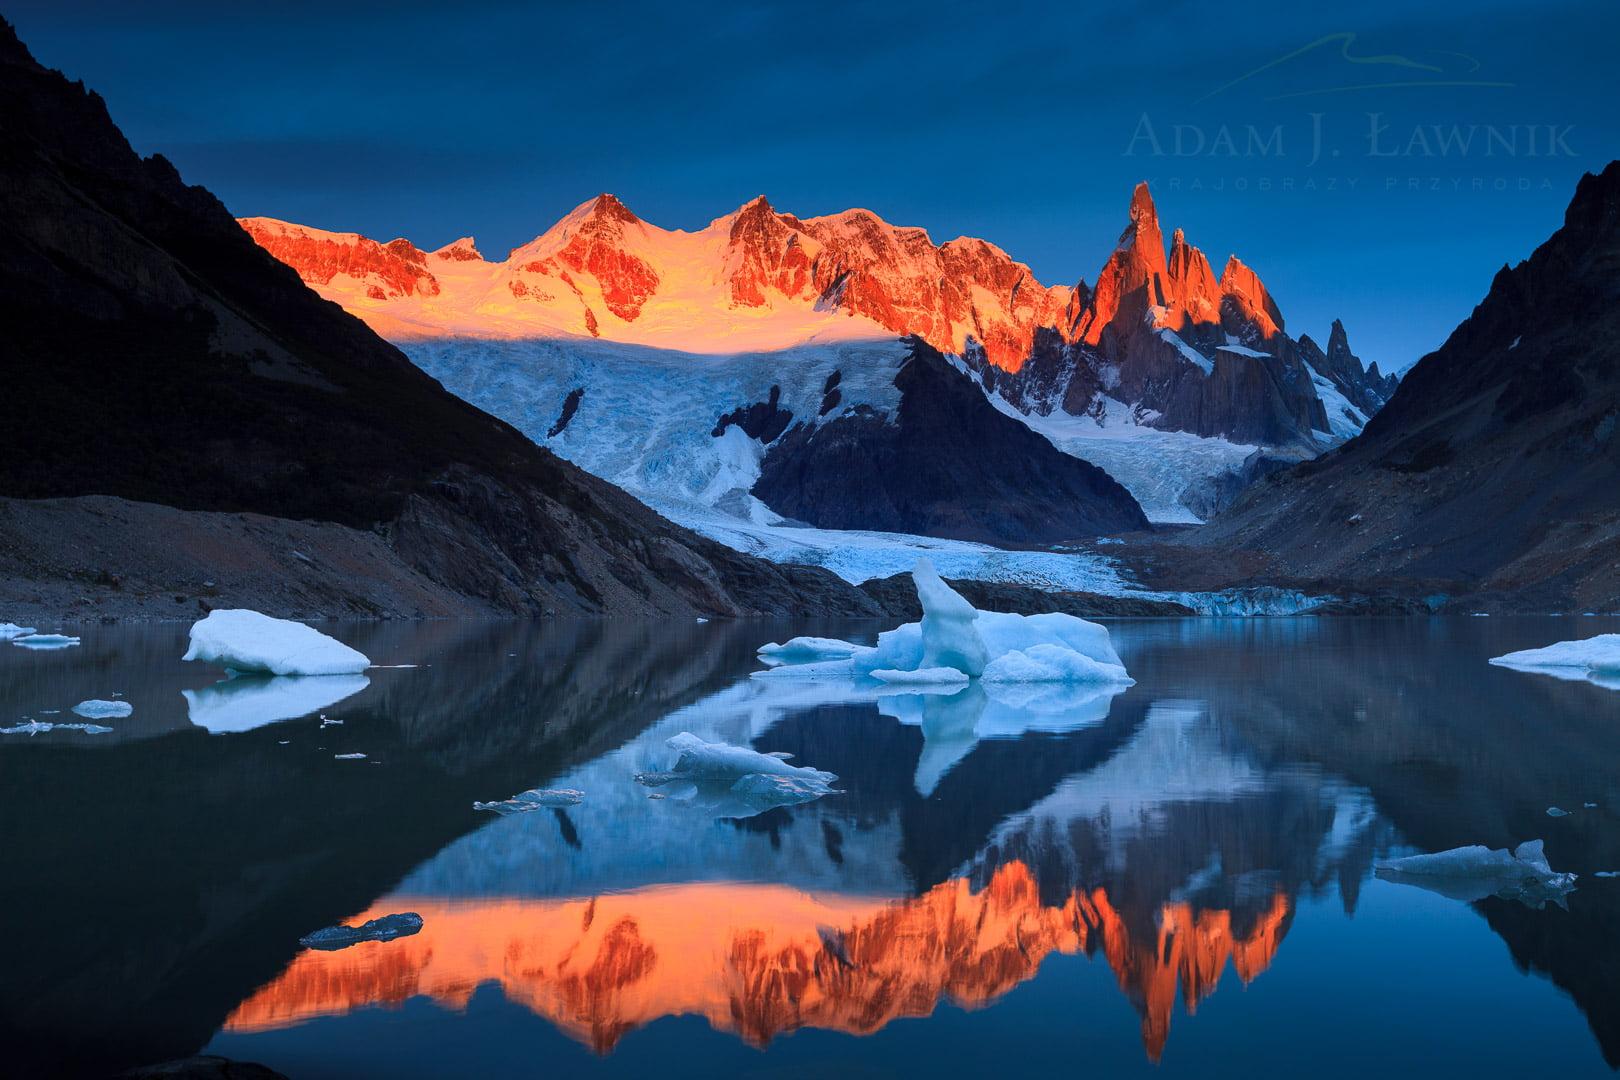 Patagonia, Argentina 1203-00620C